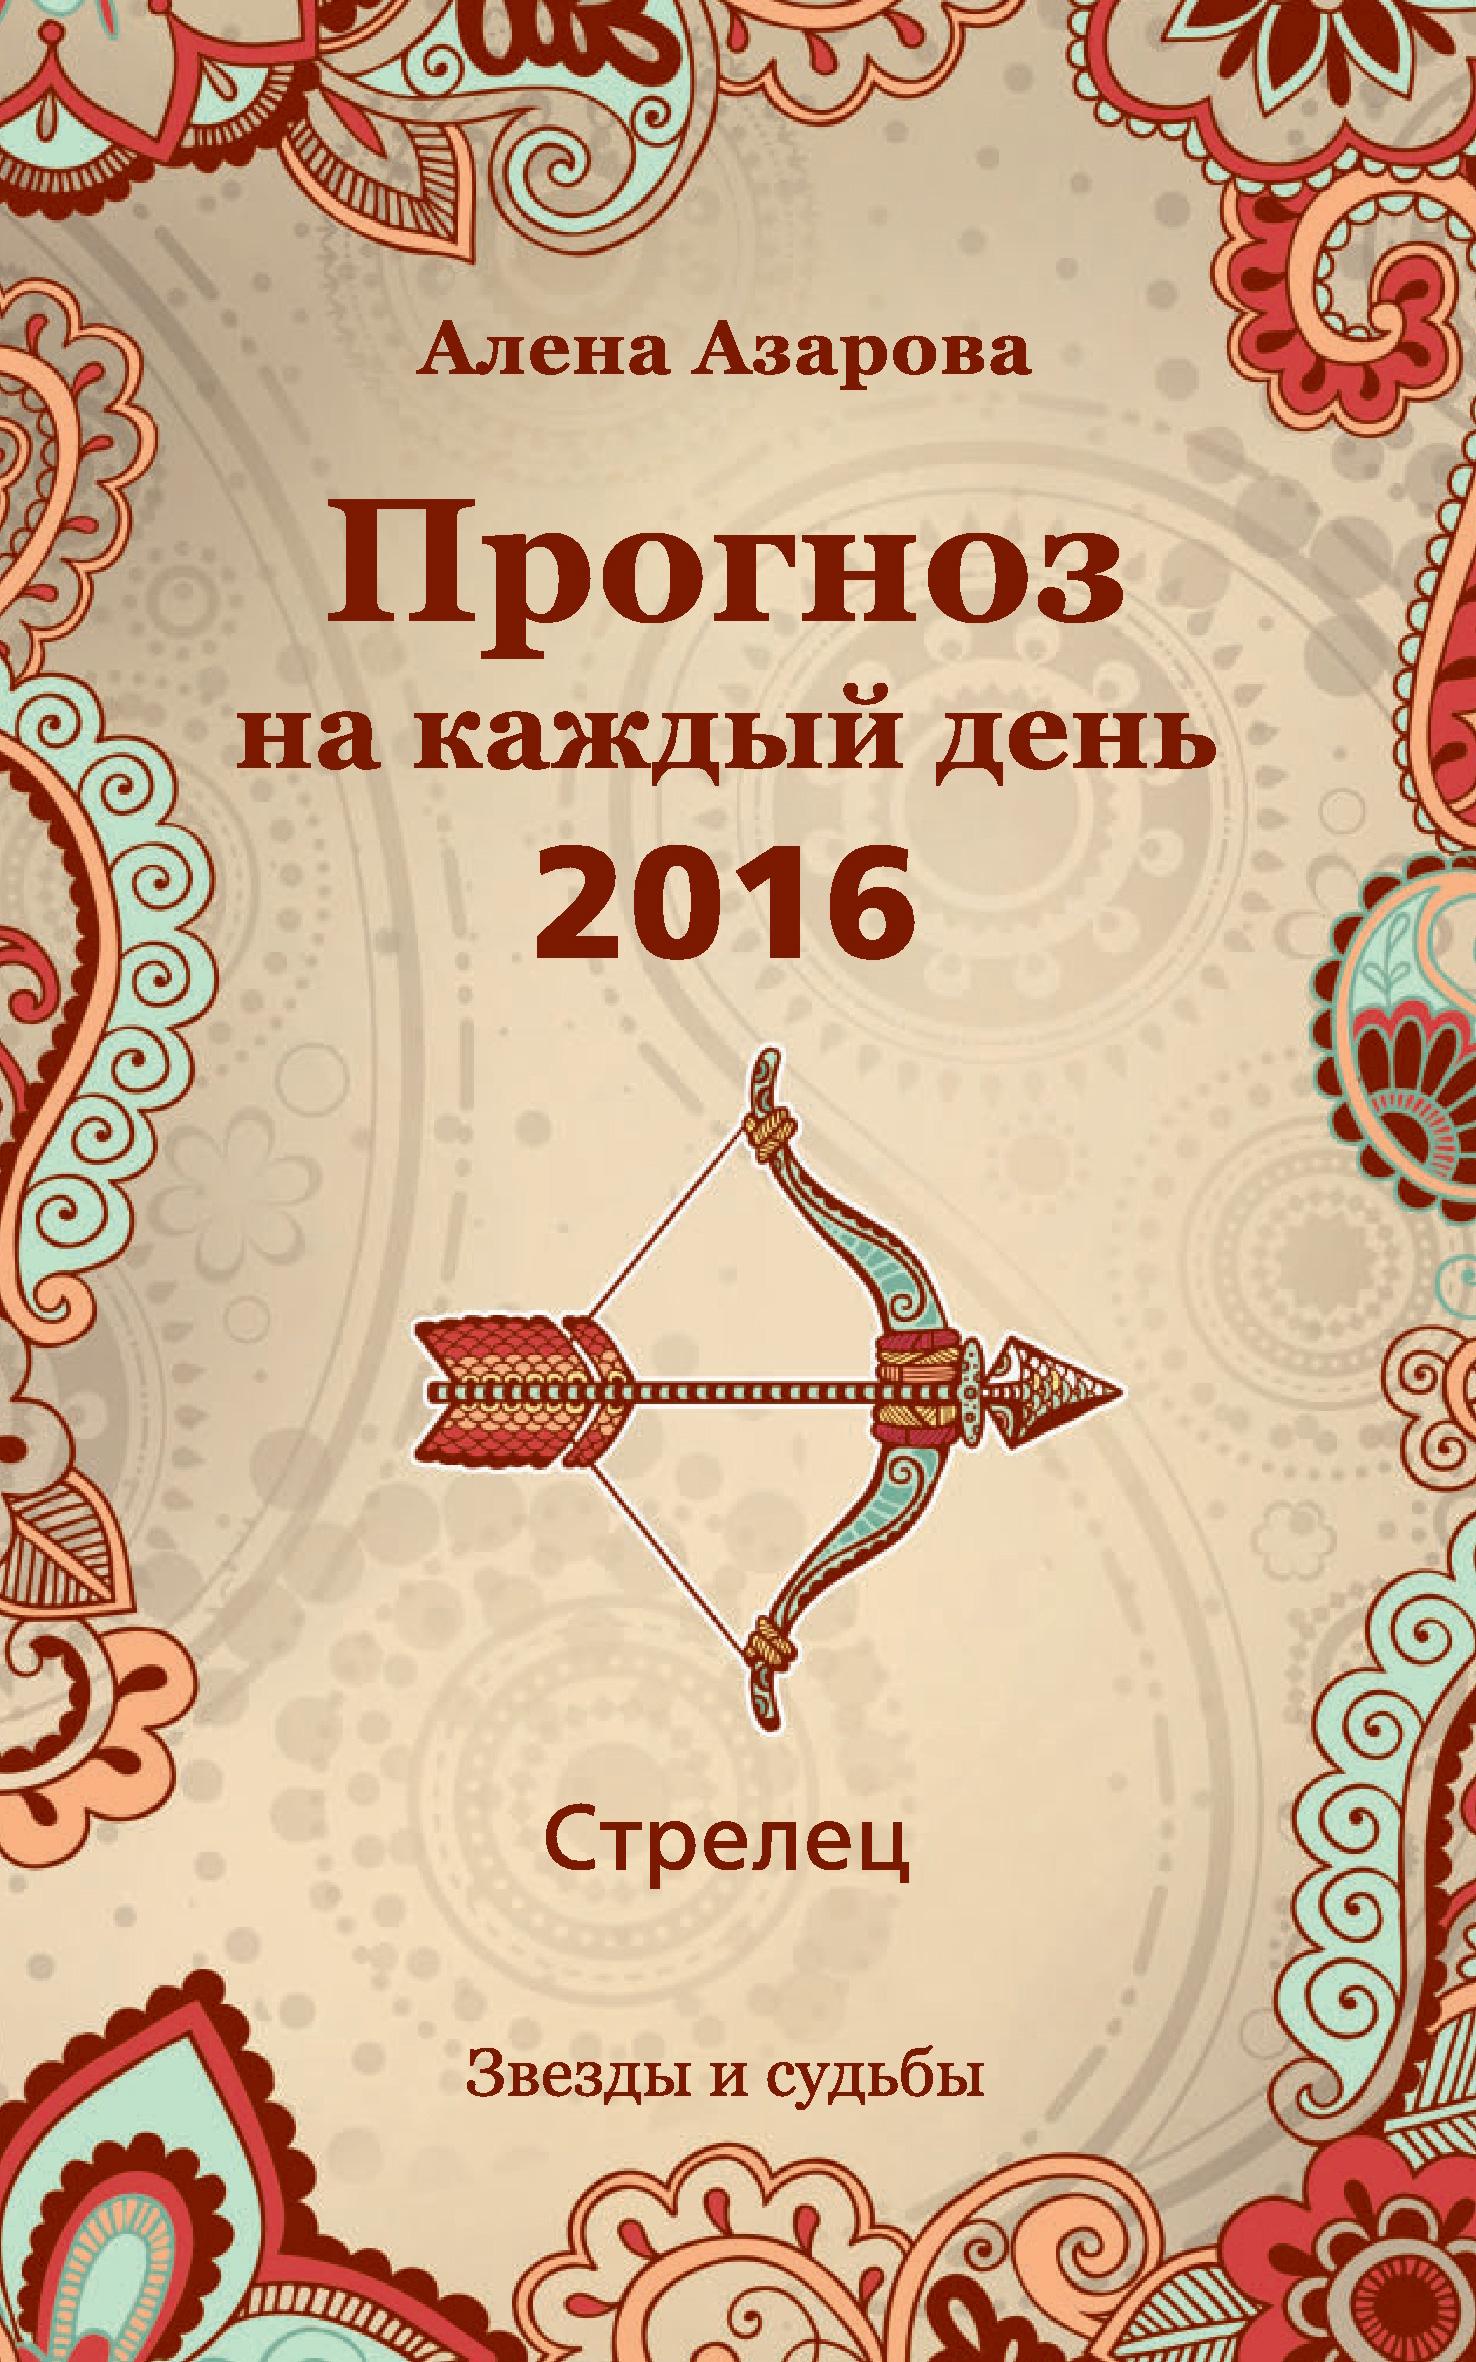 Алена Азарова Прогноз на каждый день. 2016 год. Стрелец алена азарова прогноз на каждый день 2016 год скорпион